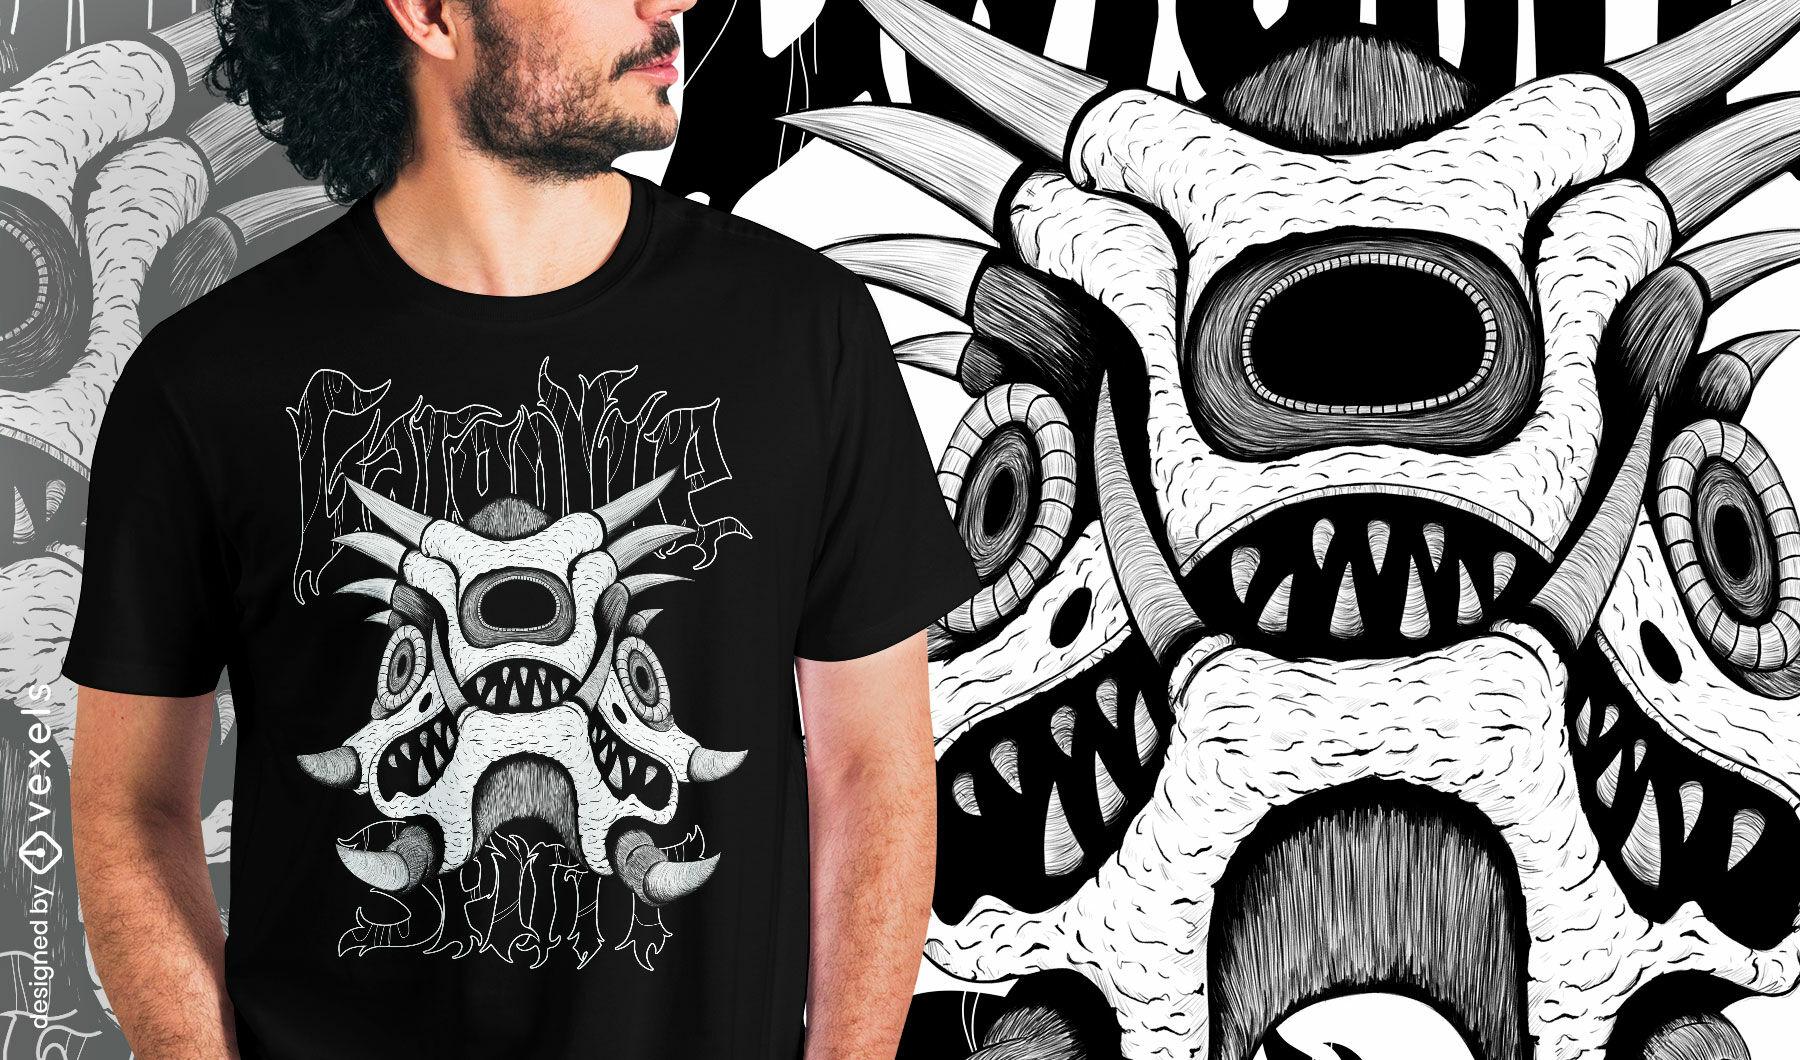 Gargoyle monster spirit hand drawn t-shirt psd